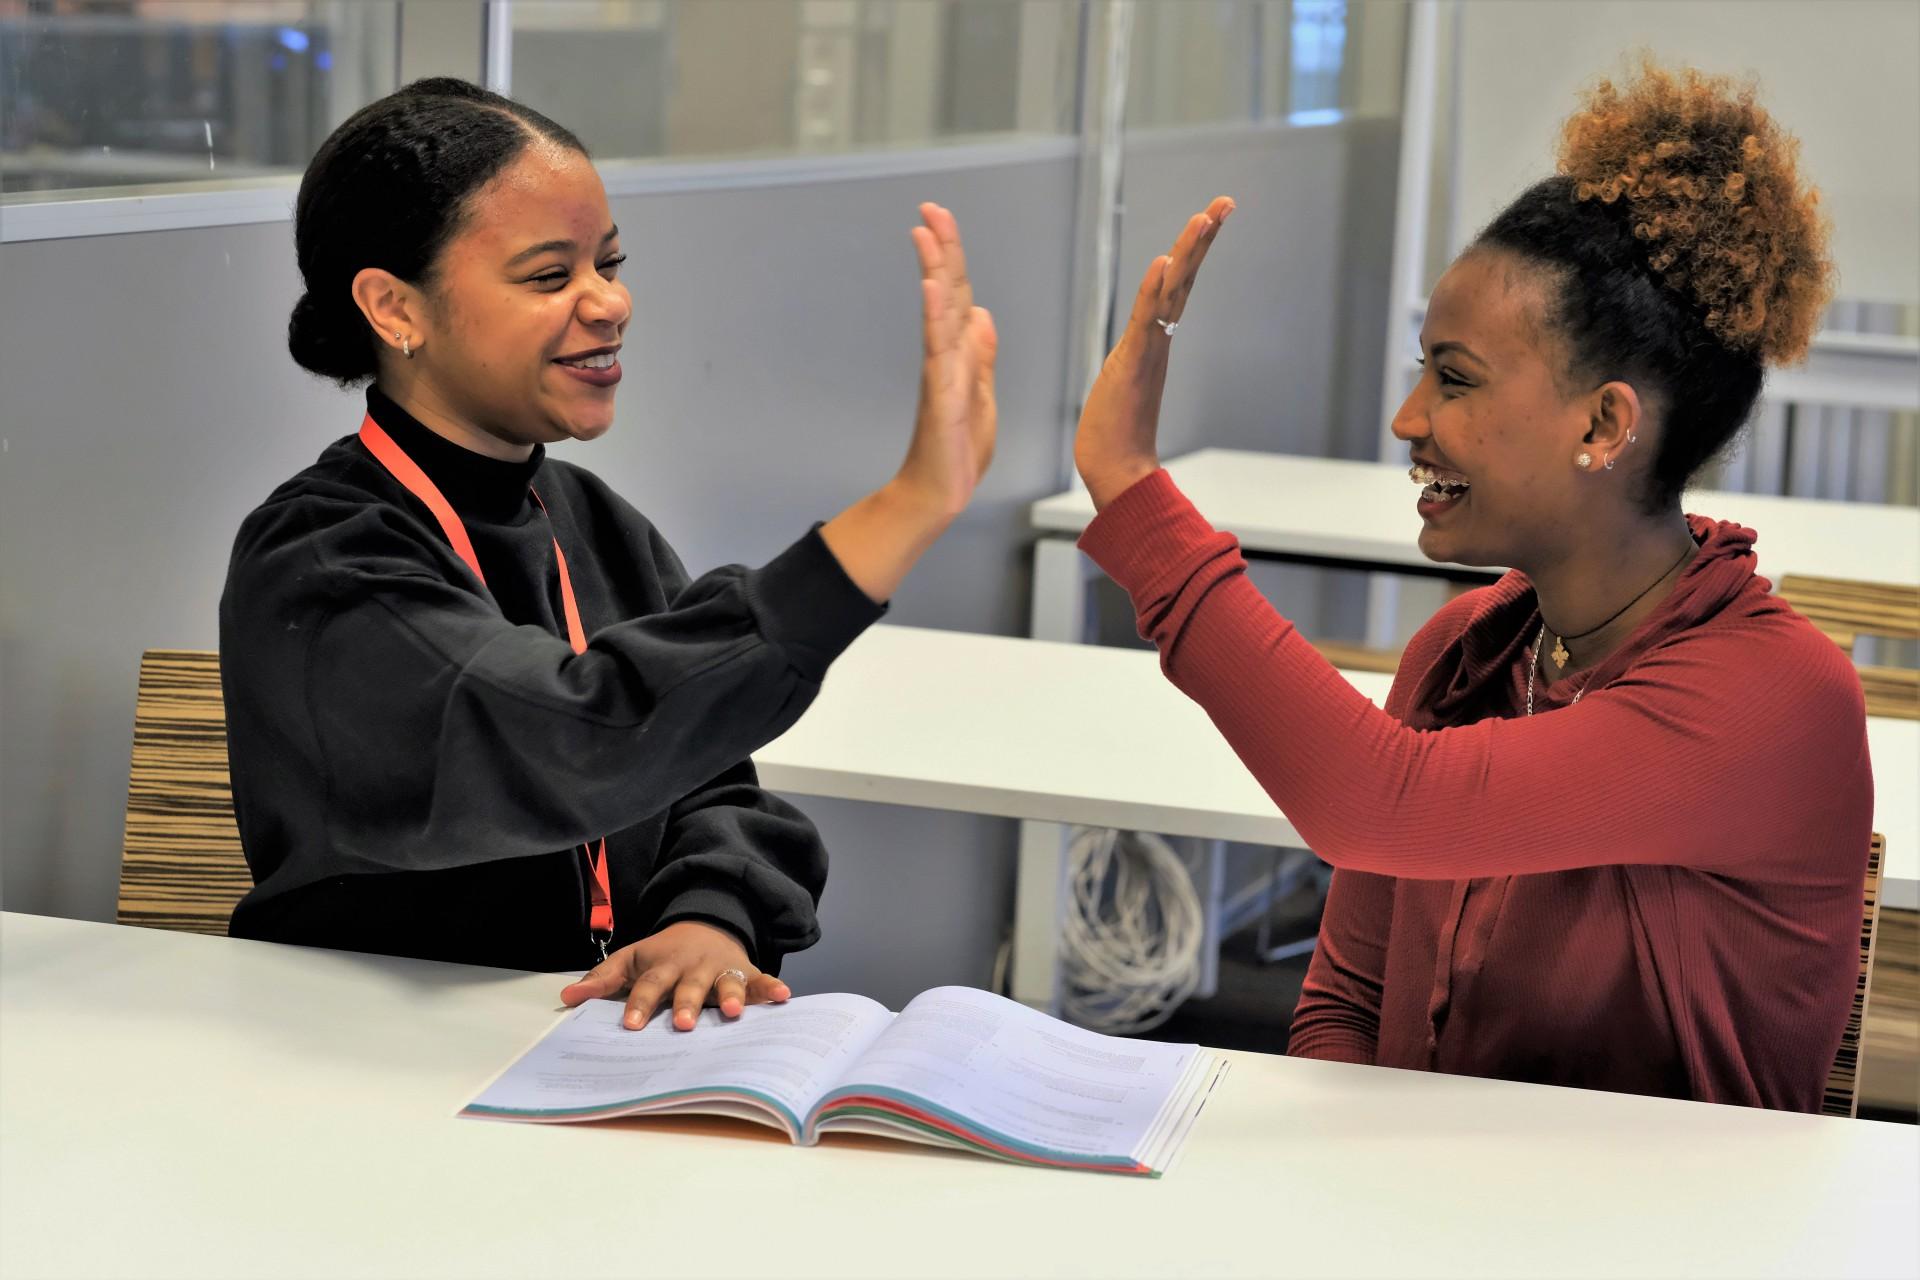 Een mentor aan het werk met een leerling.